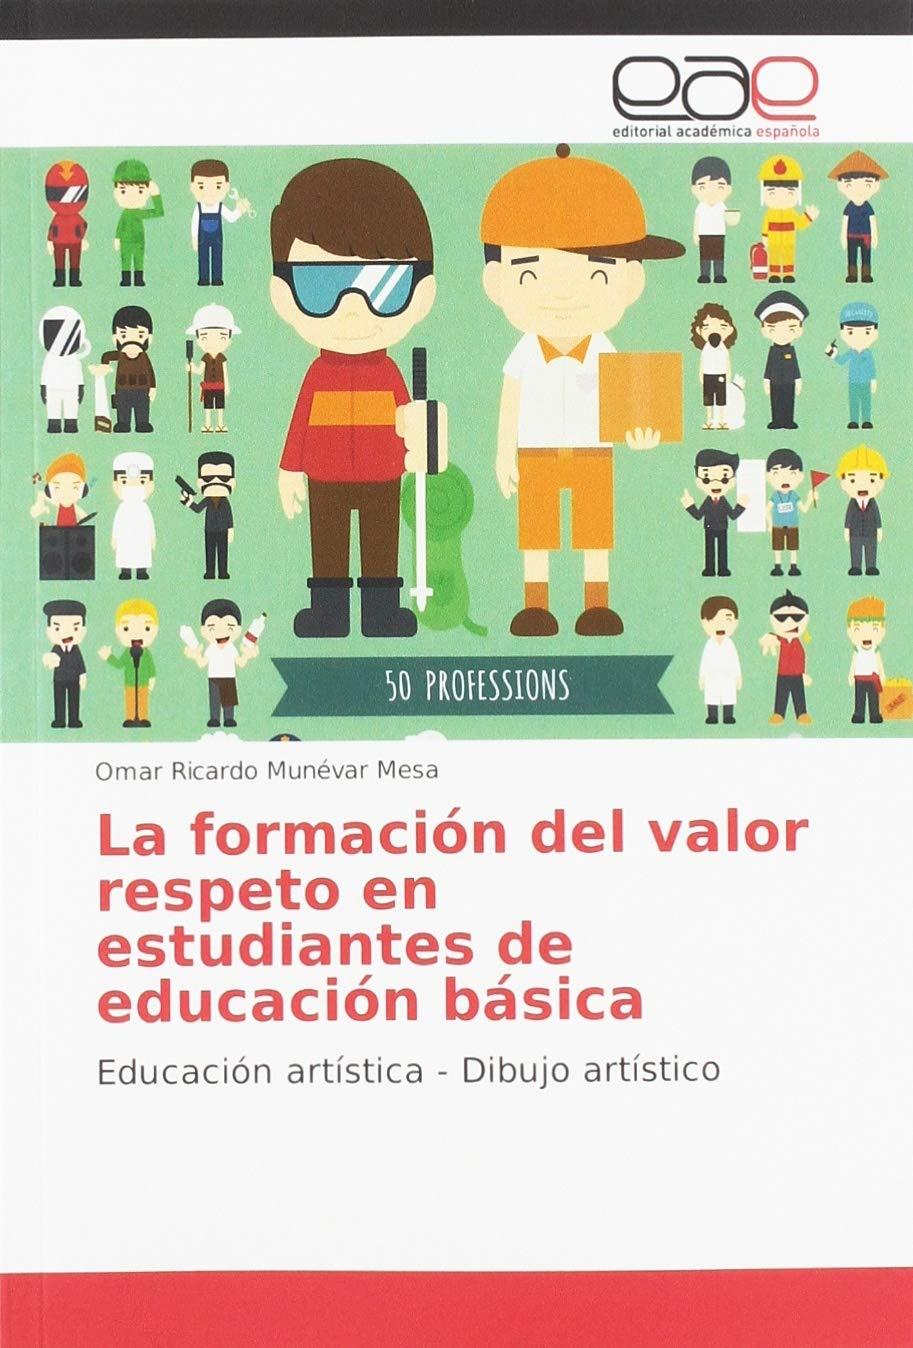 La formación del valor respeto en estudiantes de educación básica: Educación artística - Dibujo artístico: Amazon.es: Munévar Mesa, Omar Ricardo: Libros